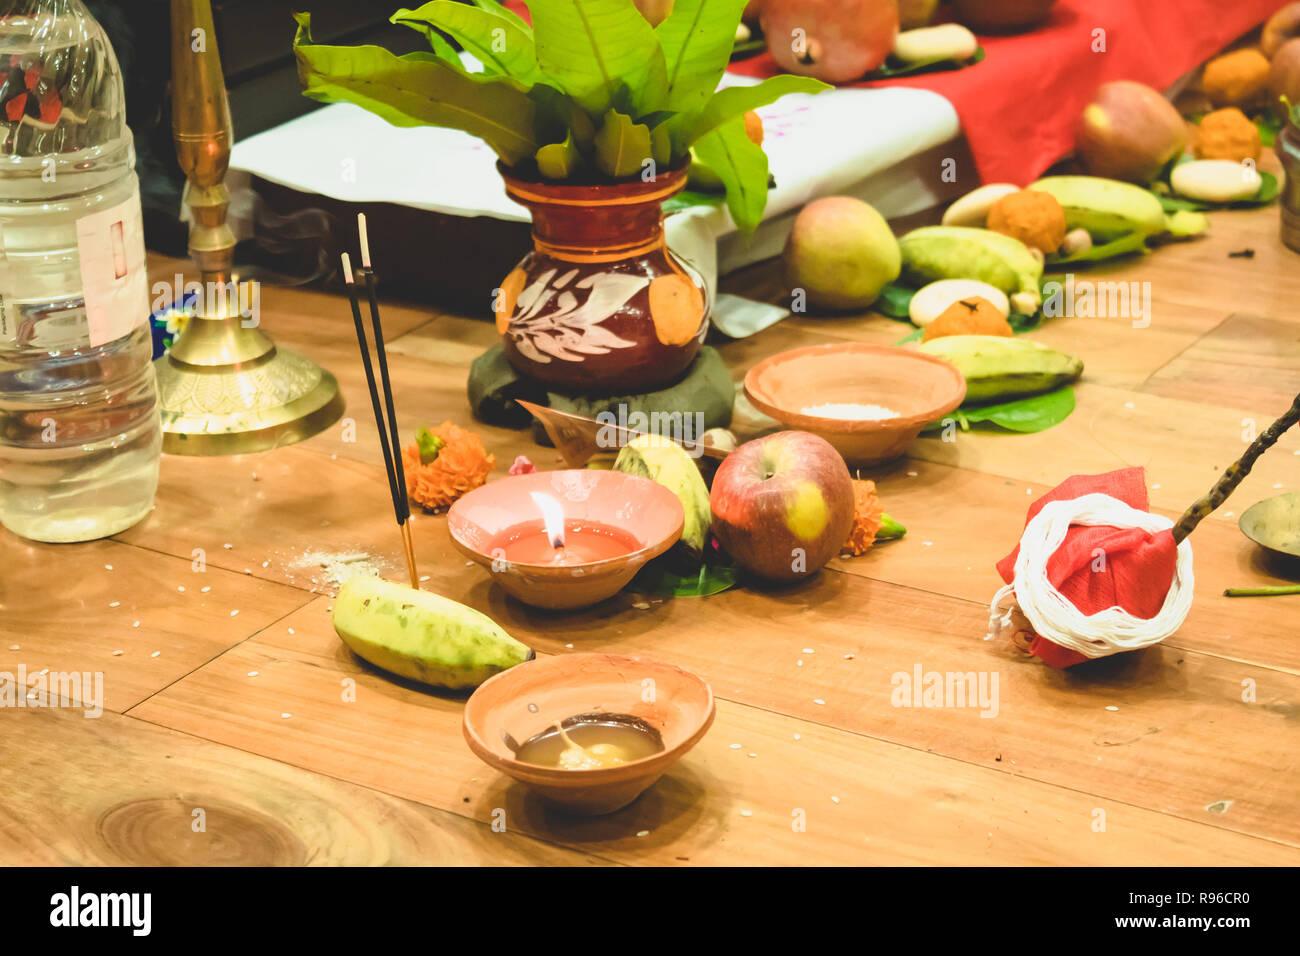 Messa a fuoco selettiva. Diwali puja o Laxmi puja impostare fino a casa. Lampada ad olio o diya con cracker, dolce, frutta secca, la valuta indiana, Fiori e Statua Immagini Stock